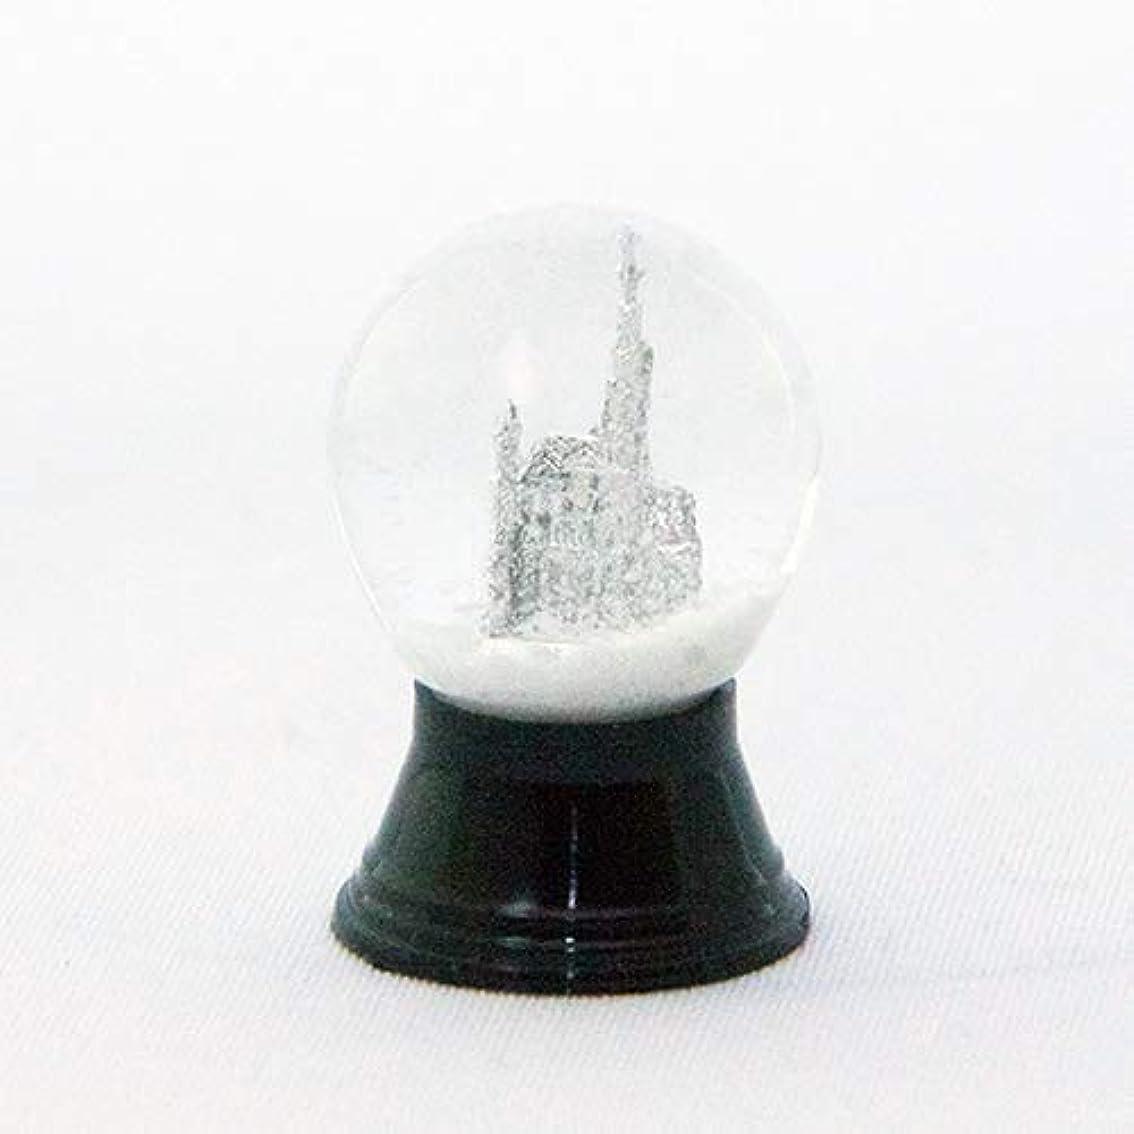 ぎこちない甘やかすアクティビティスノードーム自作キット ガラス製 LLサイズ